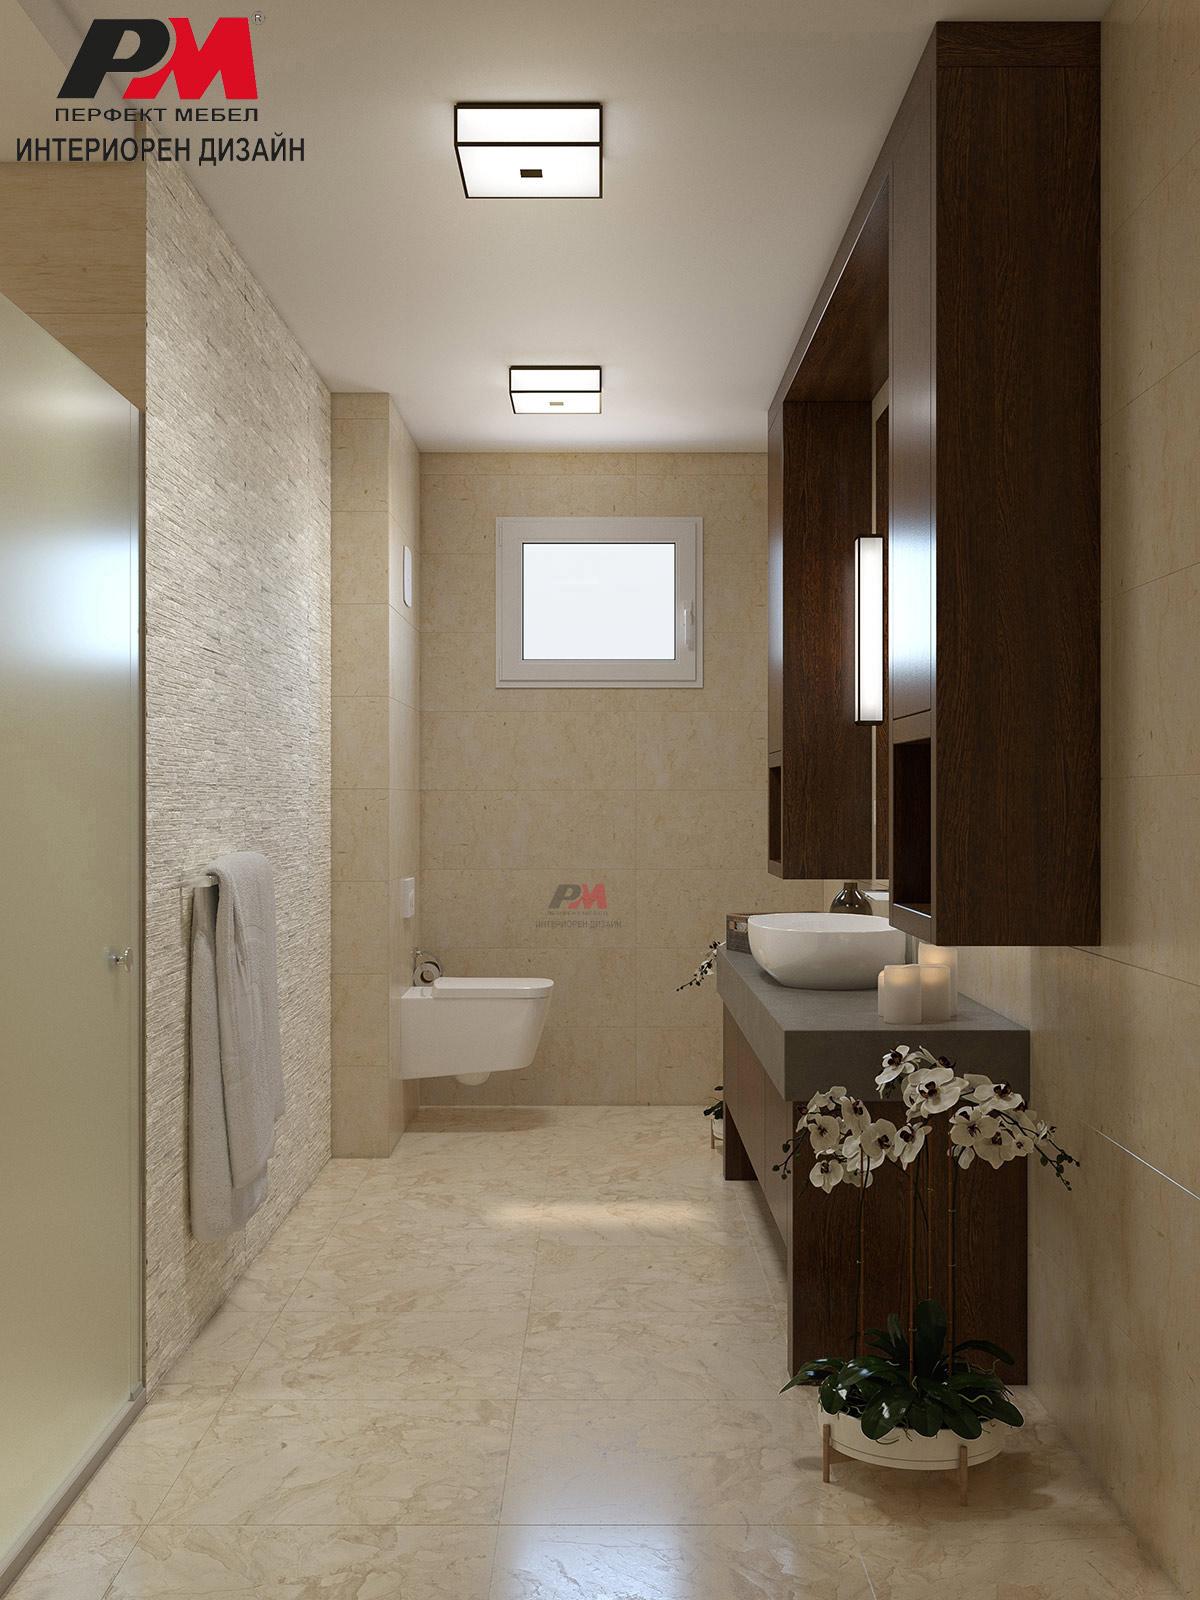 Елегантана визия в интериорния дизайн на голяма съвременна баня